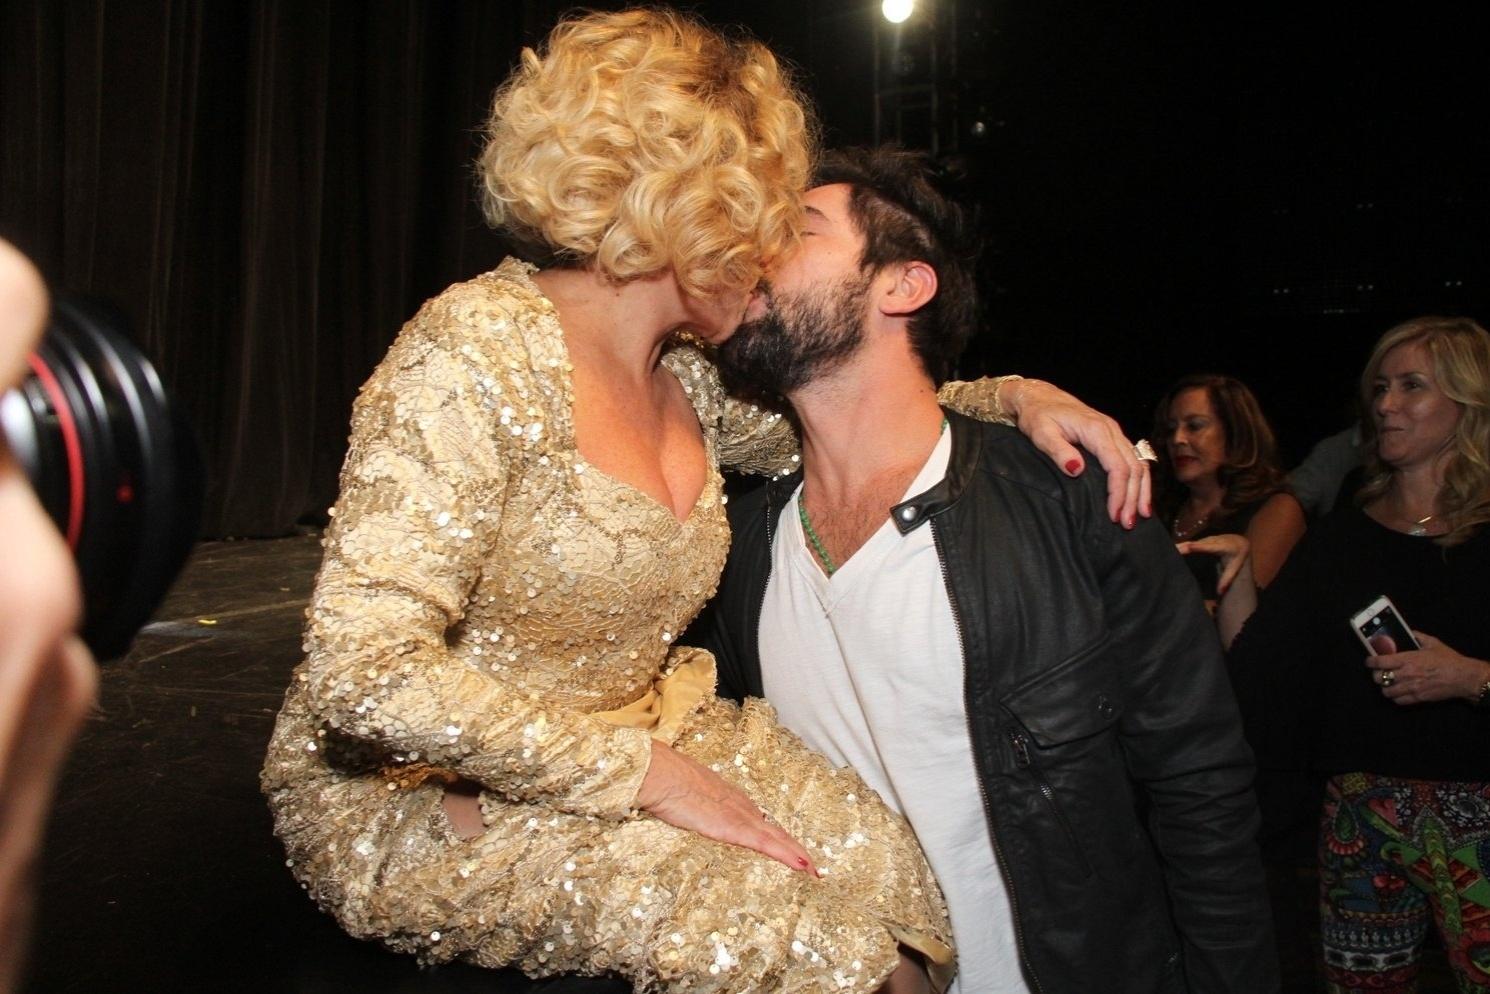 31.mar.2015 - Susana Vieira beija o namorado Sandro Pedroso após a estreia da peça